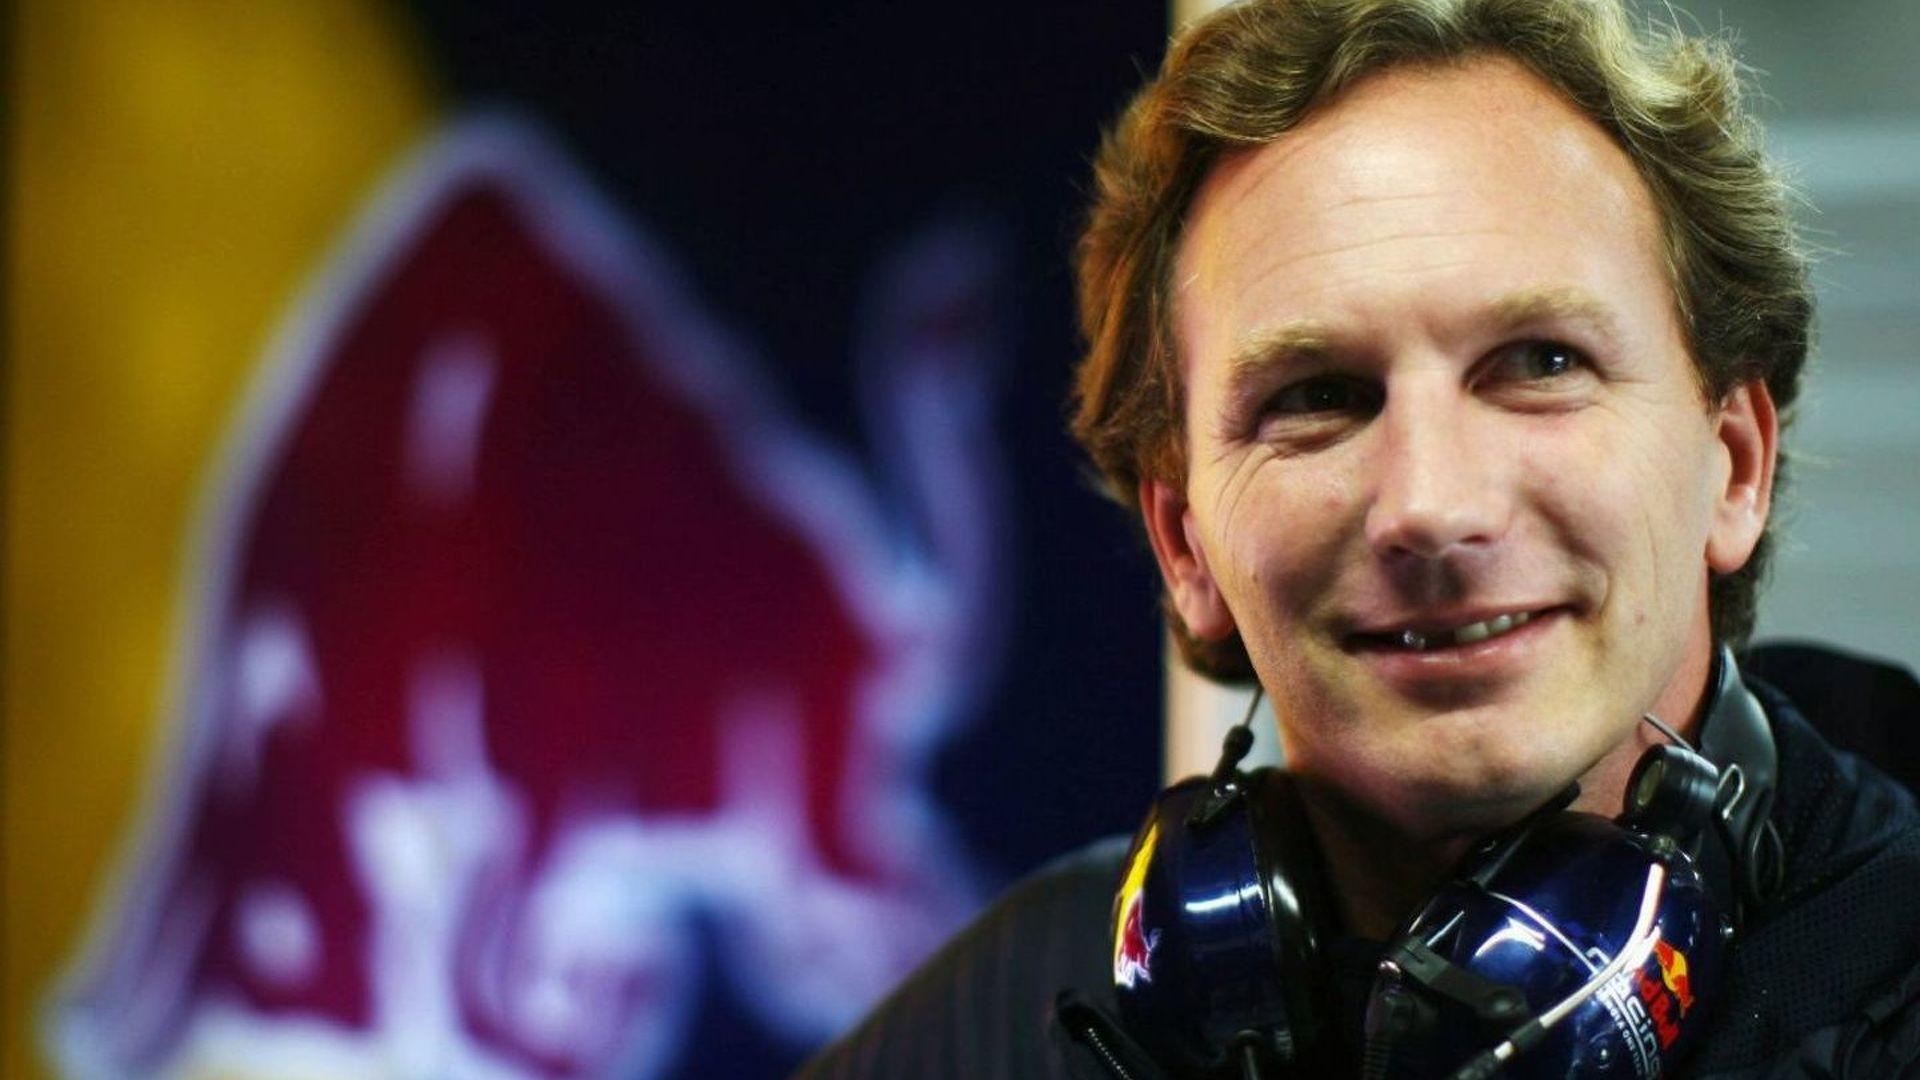 F1 risks losing another manufacturer - Horner